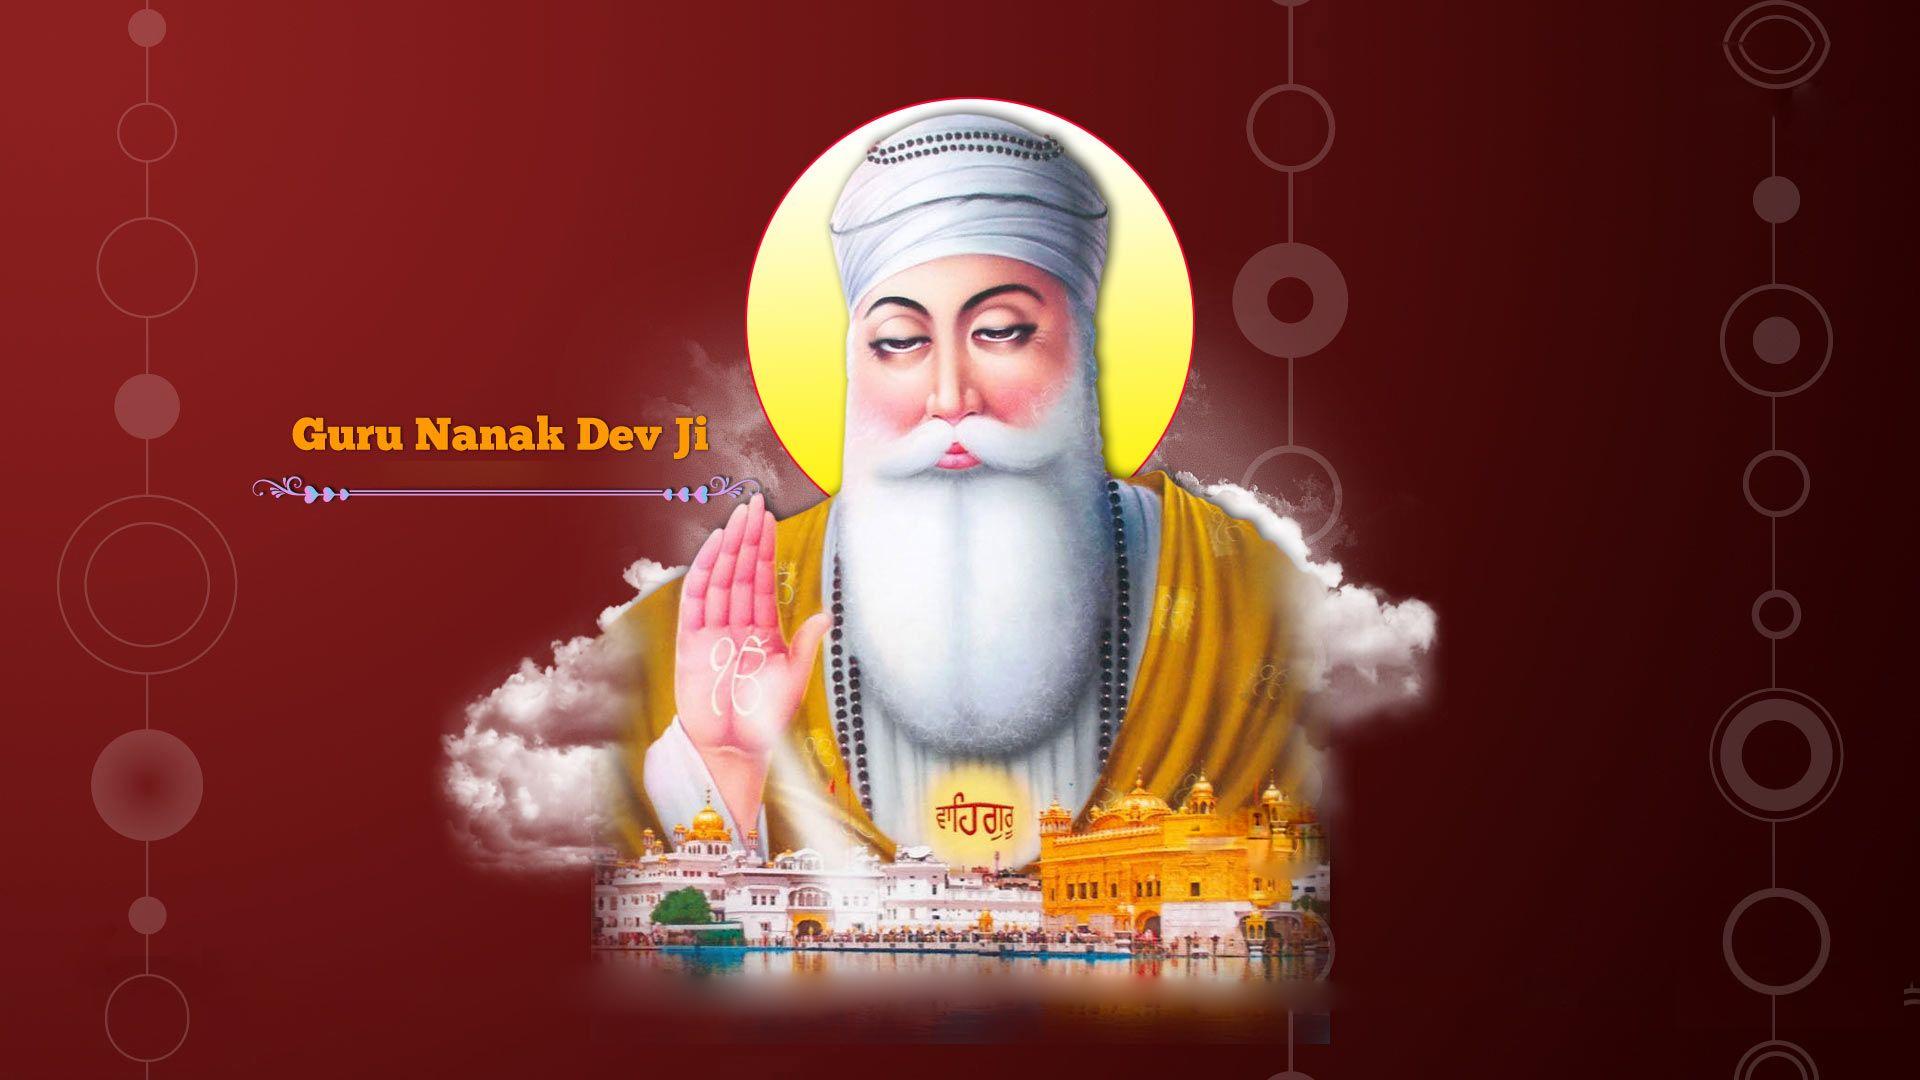 Guru Nanak 4d Images Free Download